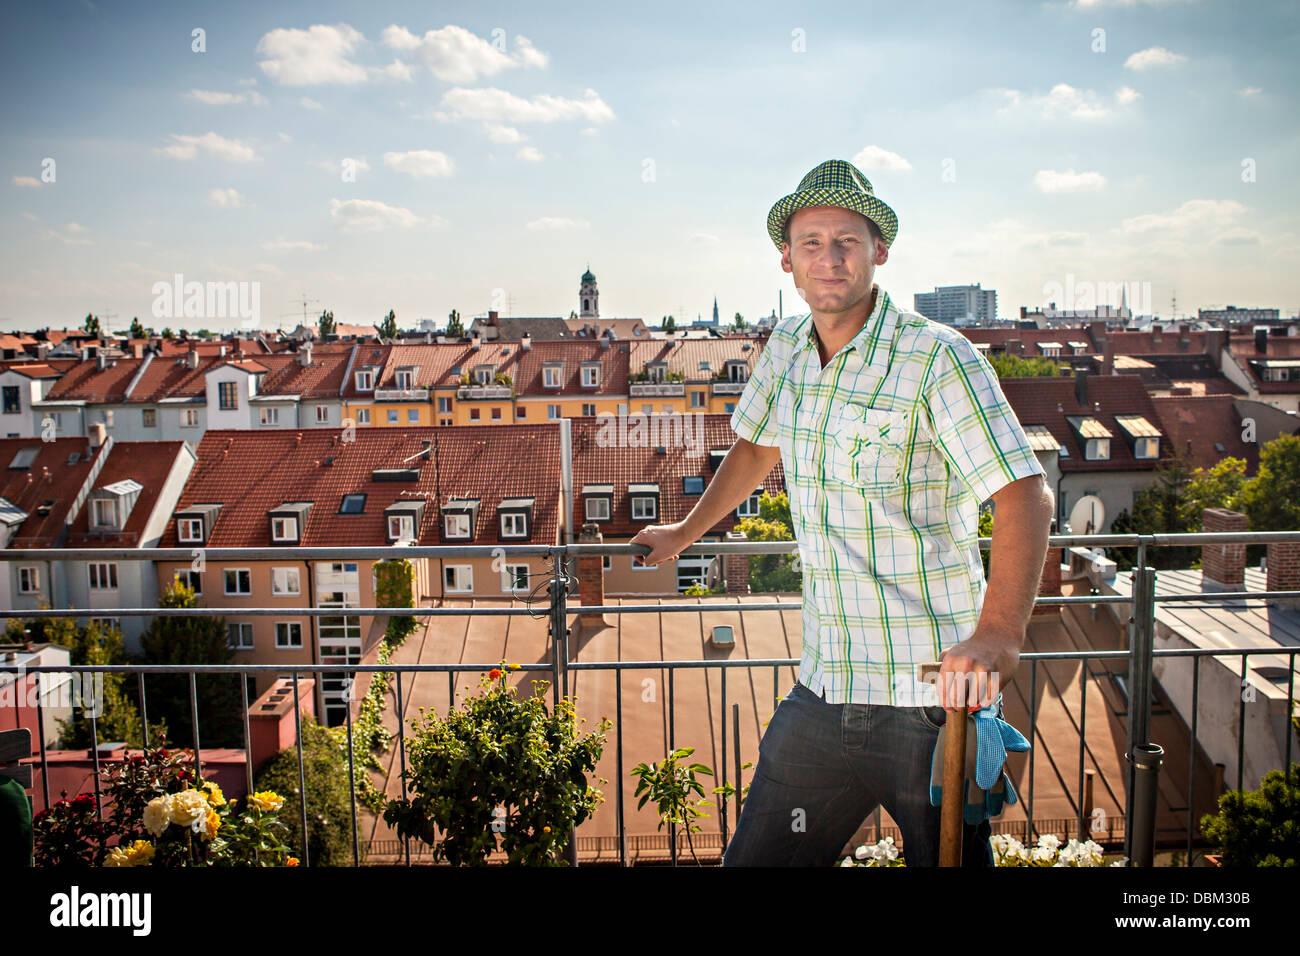 Hombre de pie en el balcón, Munich, Baviera, Alemania, Europa Imagen De Stock